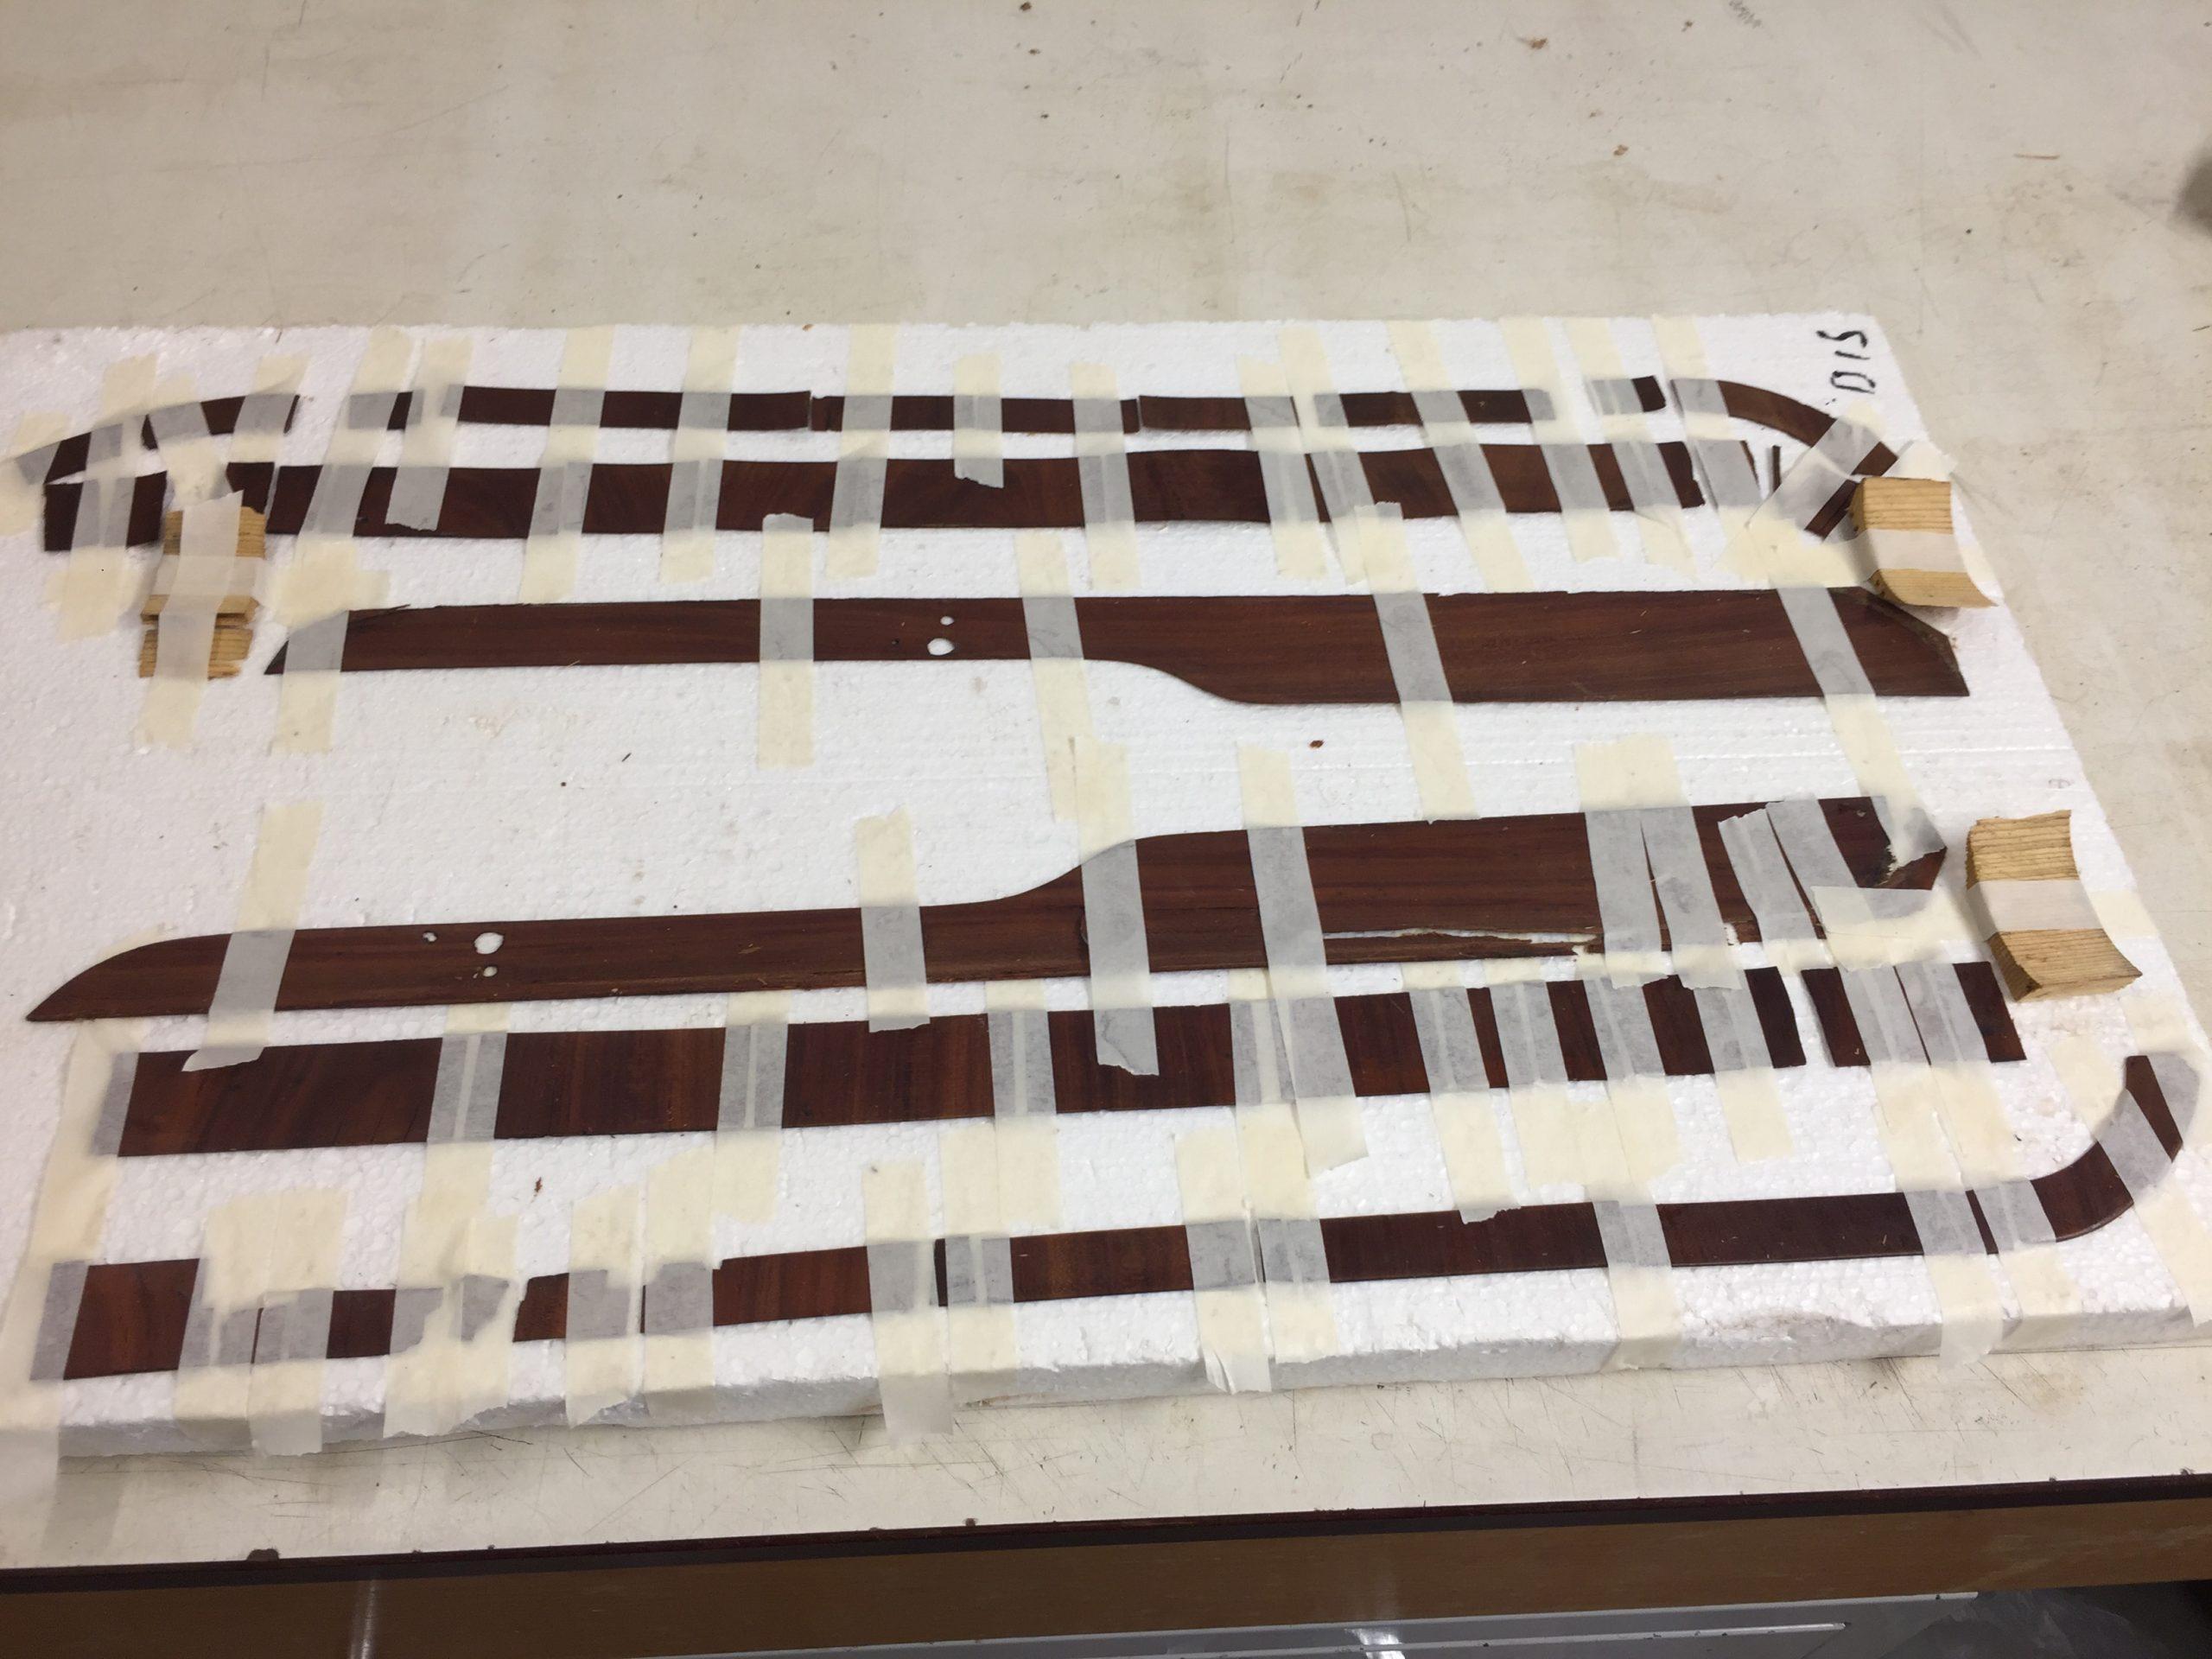 8. The veneer of both sides of the pinblock is taken off.